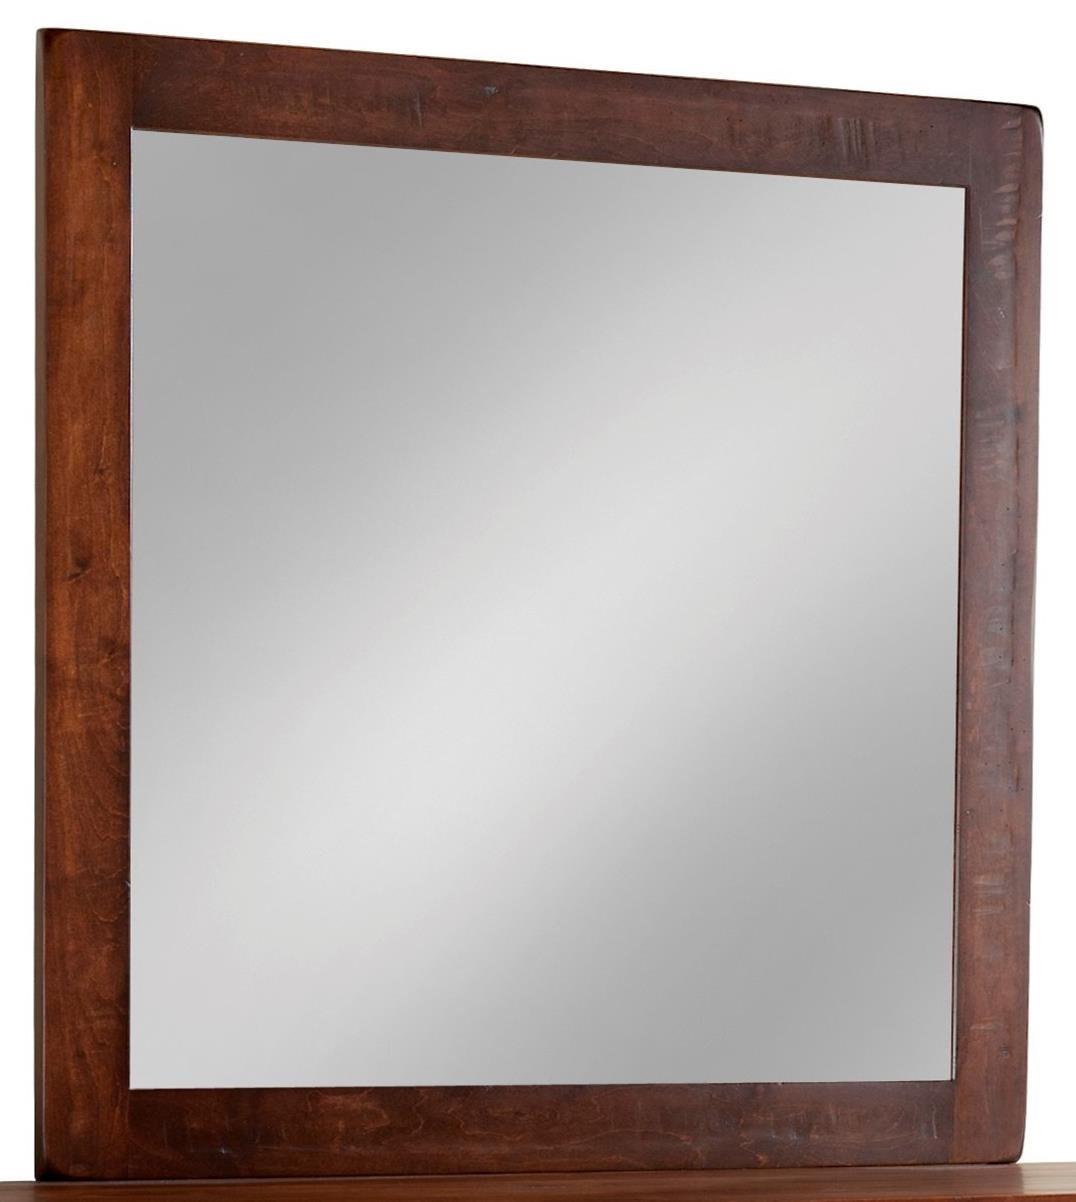 Lewiston Dresser Mirror by Daniel's Amish at Lapeer Furniture & Mattress Center